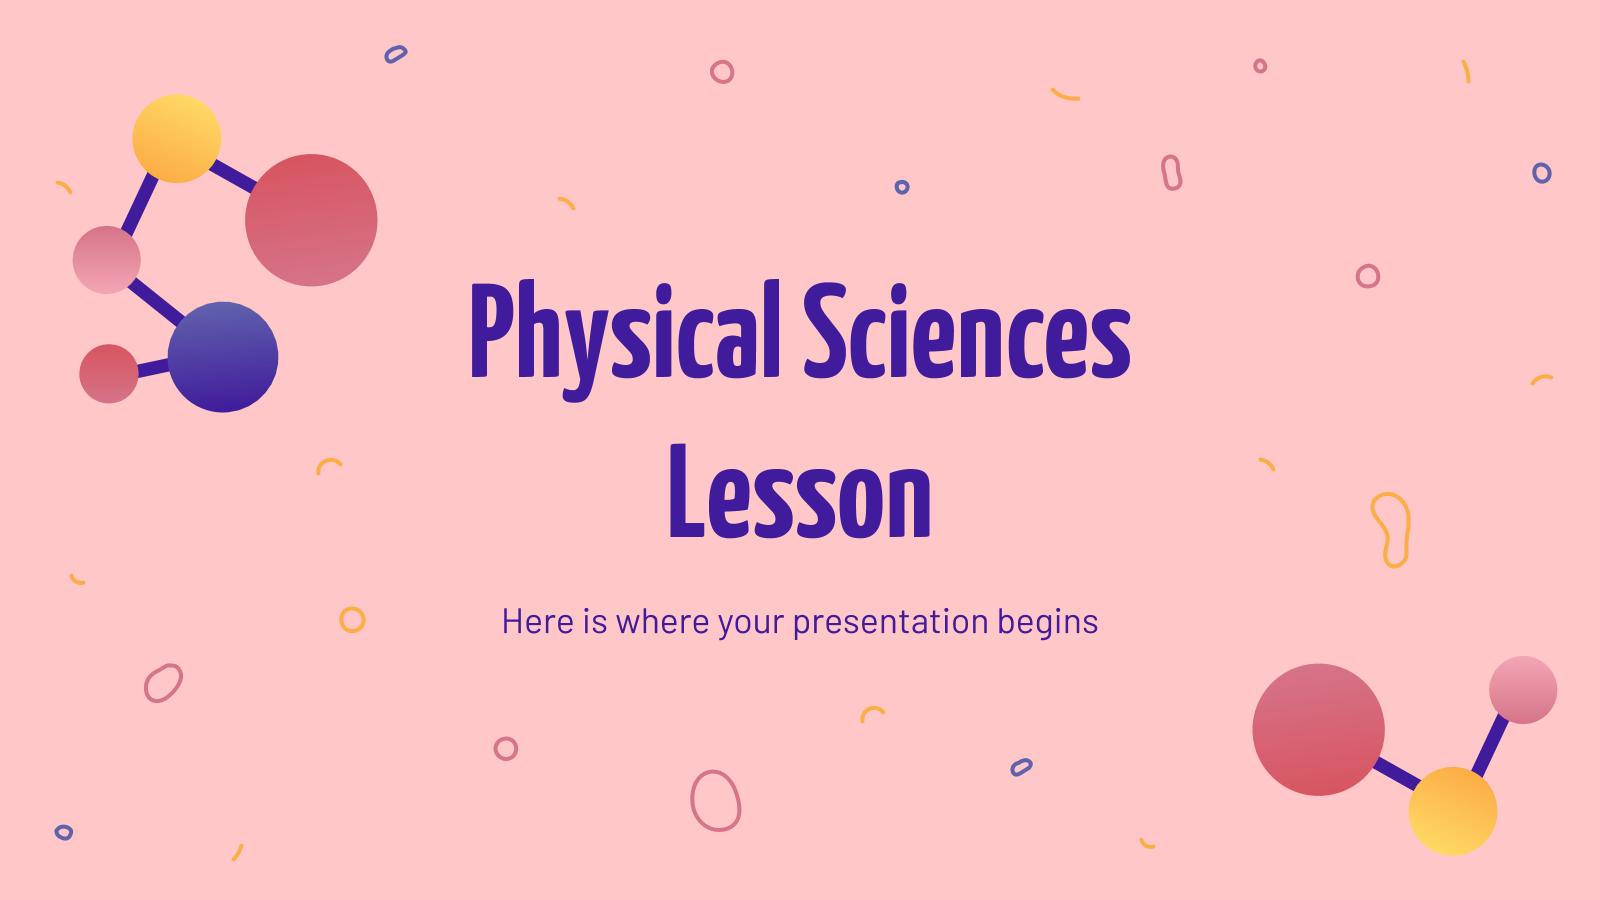 Cours de sciences physiques : Modèles de présentation